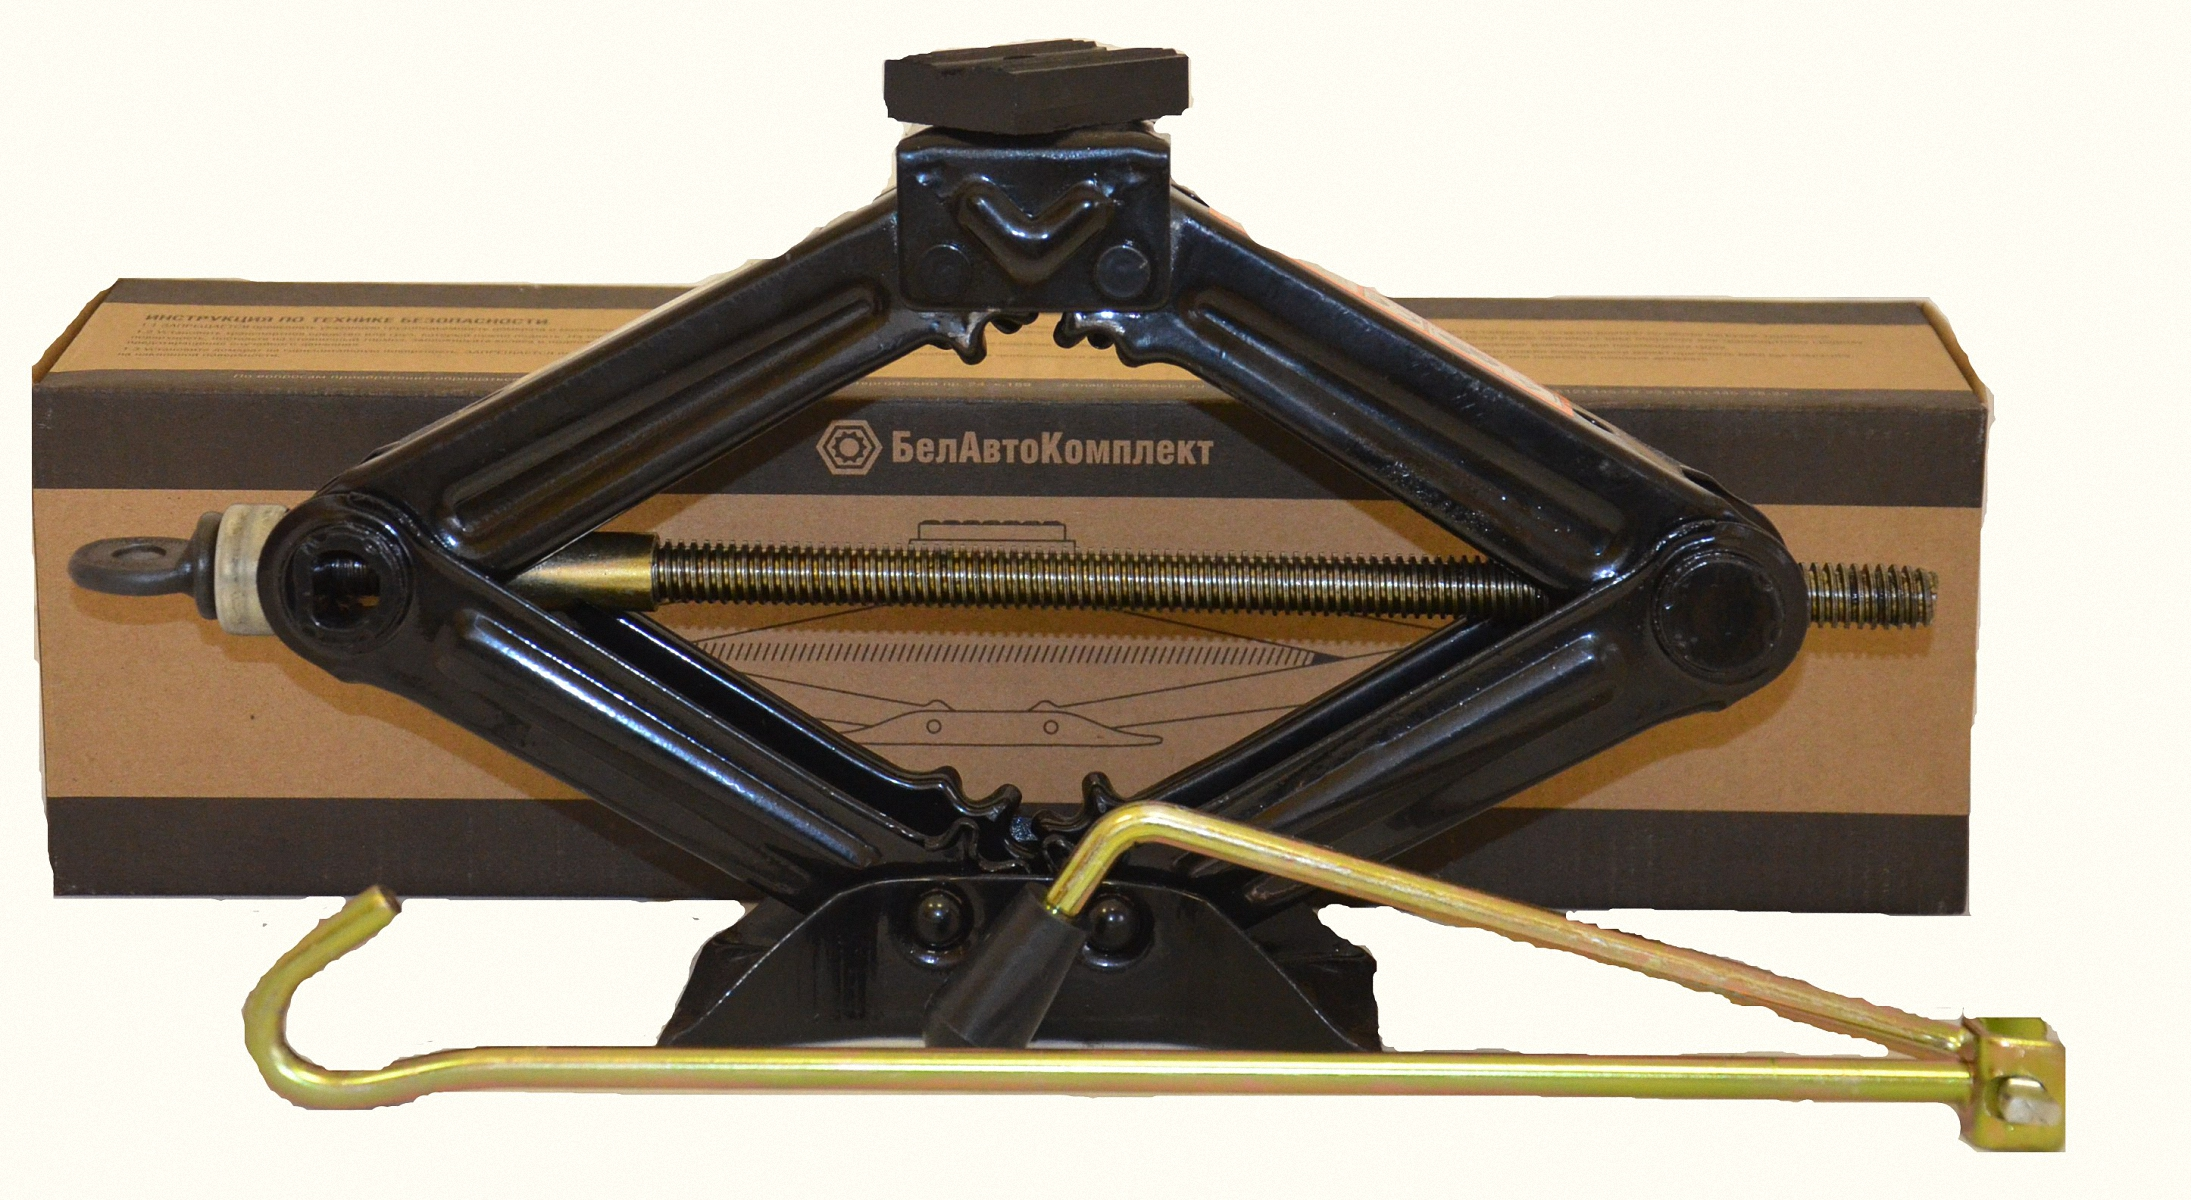 Домкрат бутылочный БелАвтоКомплект, ромбический, 1 тБАК.00057Домкрат ромбический грузоподъемностью 1 т БелАвтоКомплект используется при обслуживании легковых автомобилей. Конструкция этих устройств пользуется большой популярностью благодаря легкости, компактности, удобству эксплуатации.Высота подхвата - 100 ммВысота подъёма - 325 ммгабаритная длина - 360 ммгабаритная ширина - 80 ммдлина рукоятки - 500 мм Опорная платформа - резина Масса складской упаковки - 16 кг масса изделия - 1,6 кг